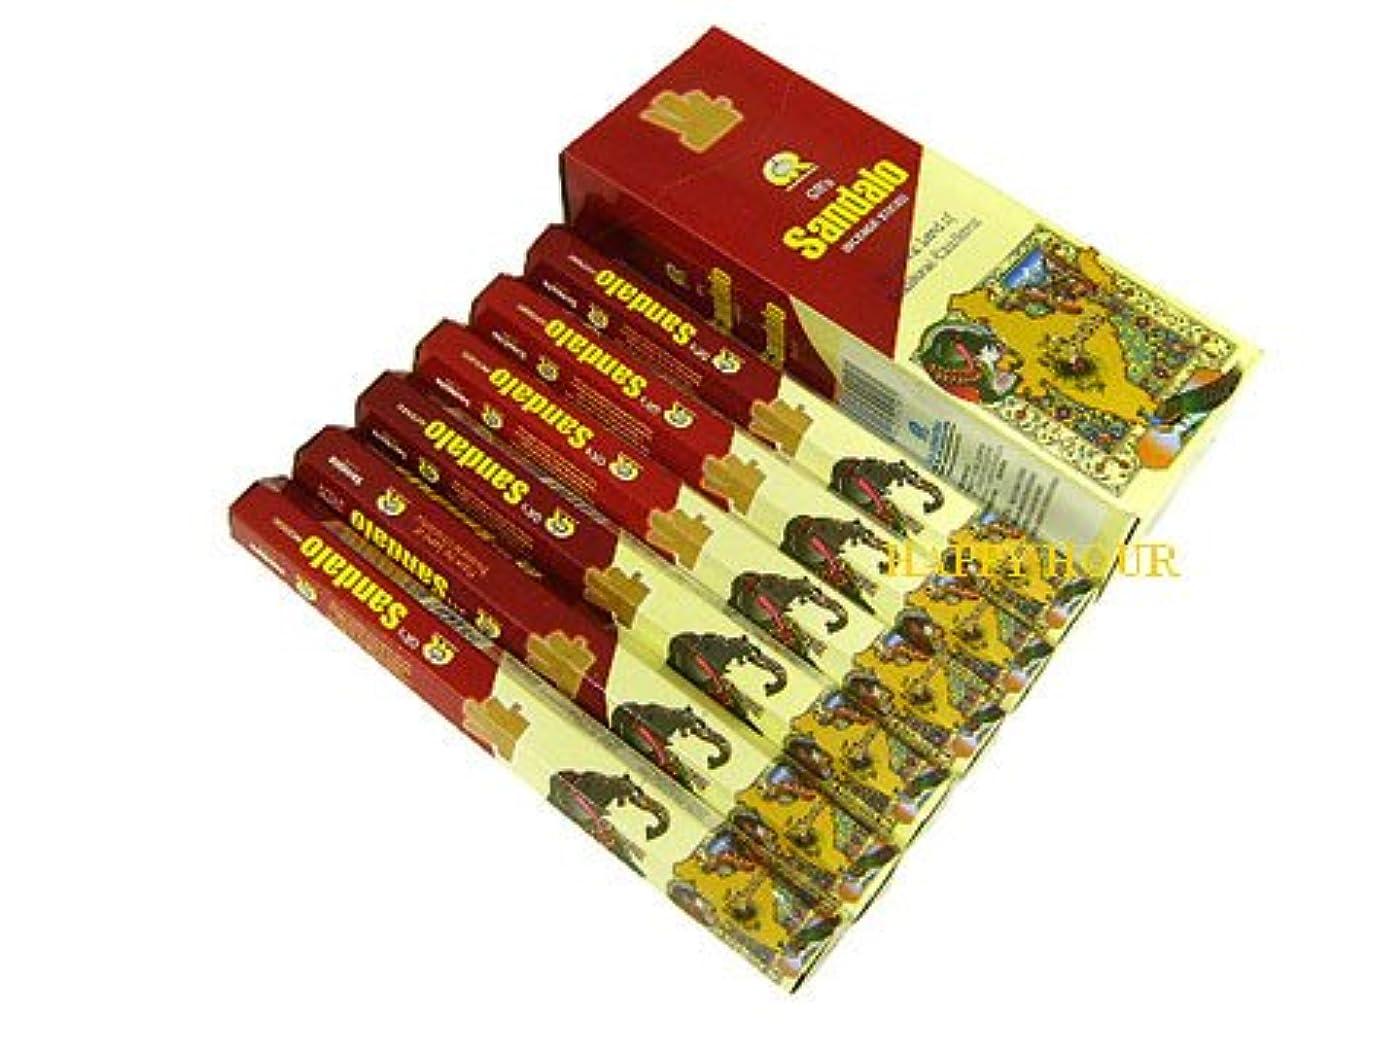 抵抗感じるボスG.R.INTERNATIONAL(ジーアールインターナショナル) サンダル香 スティック SANDALO 6箱セット